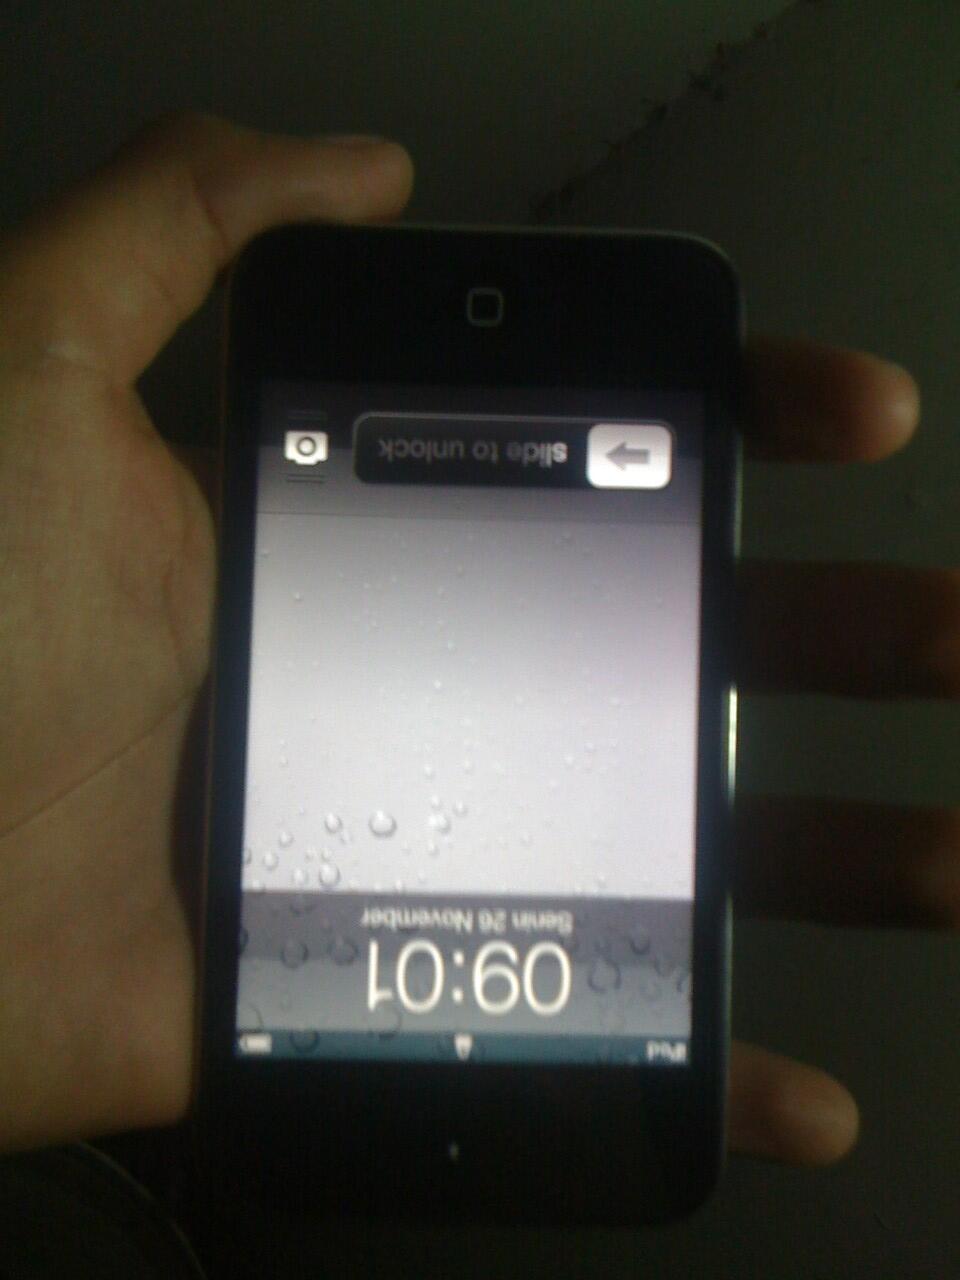 fs cepet ipod touch gen 4 8gb gress likeee new umur baru 2 bulanan